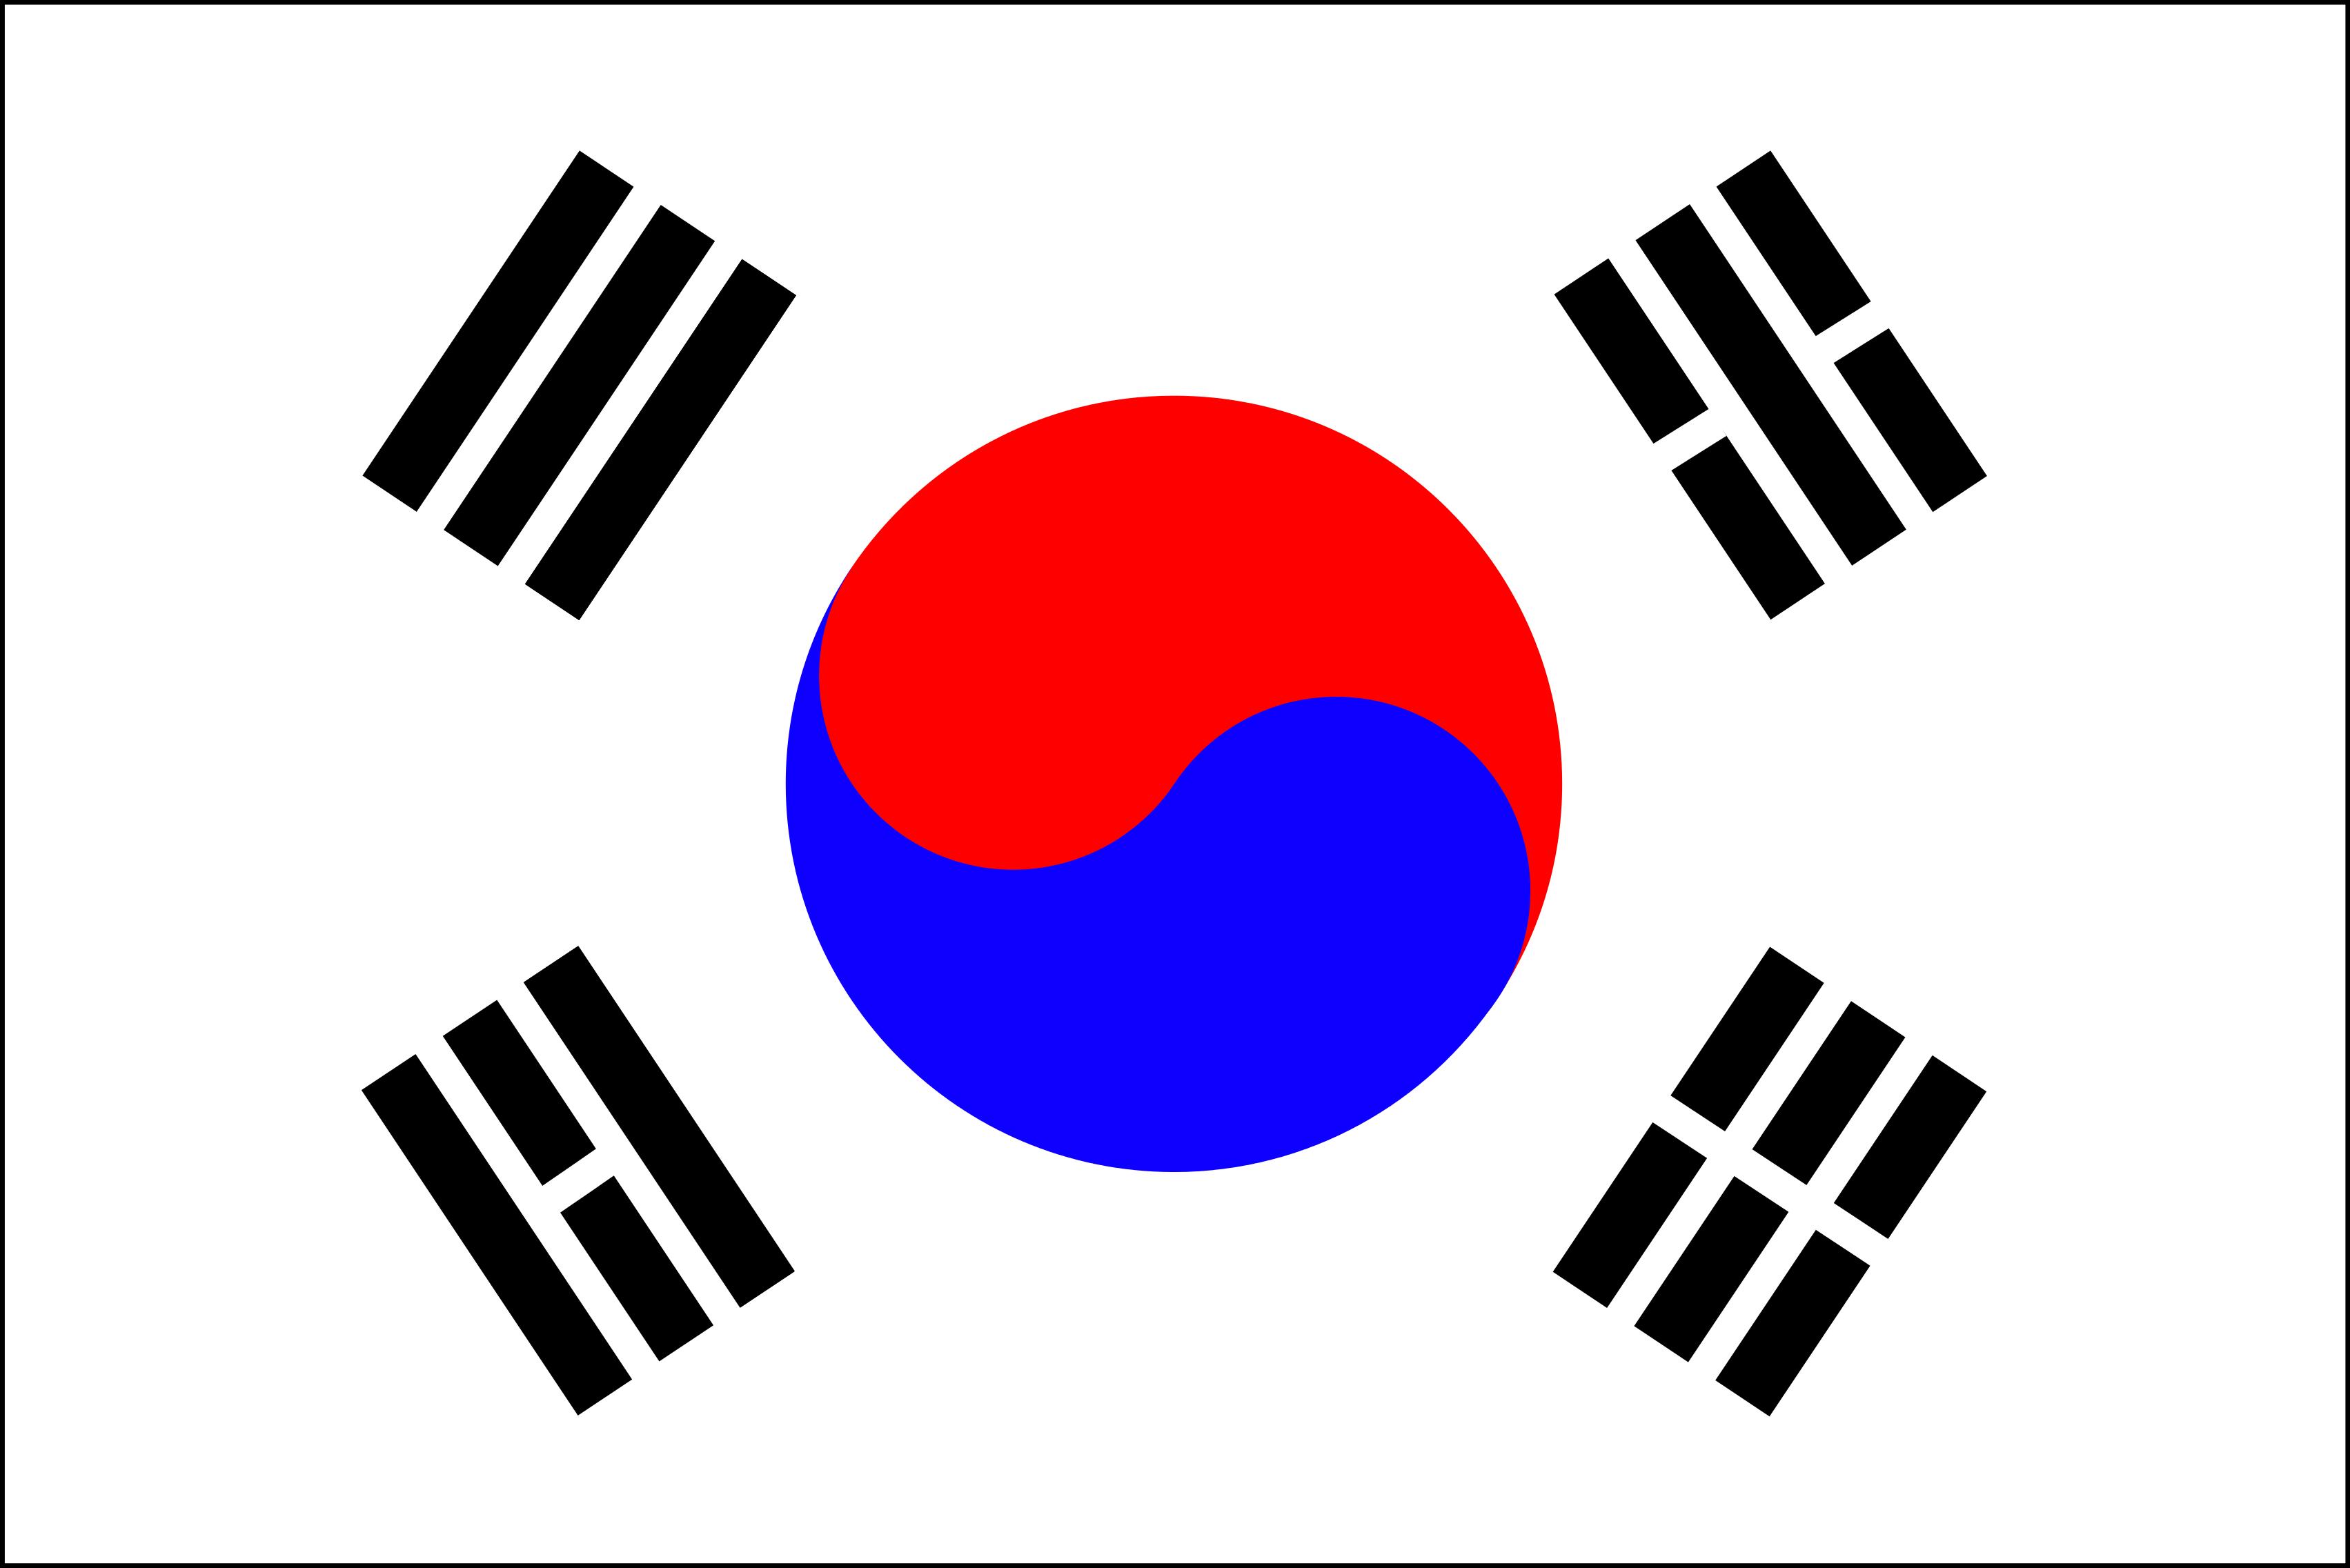 La puissance du pôle asiatique : La puissance sud-coréenne